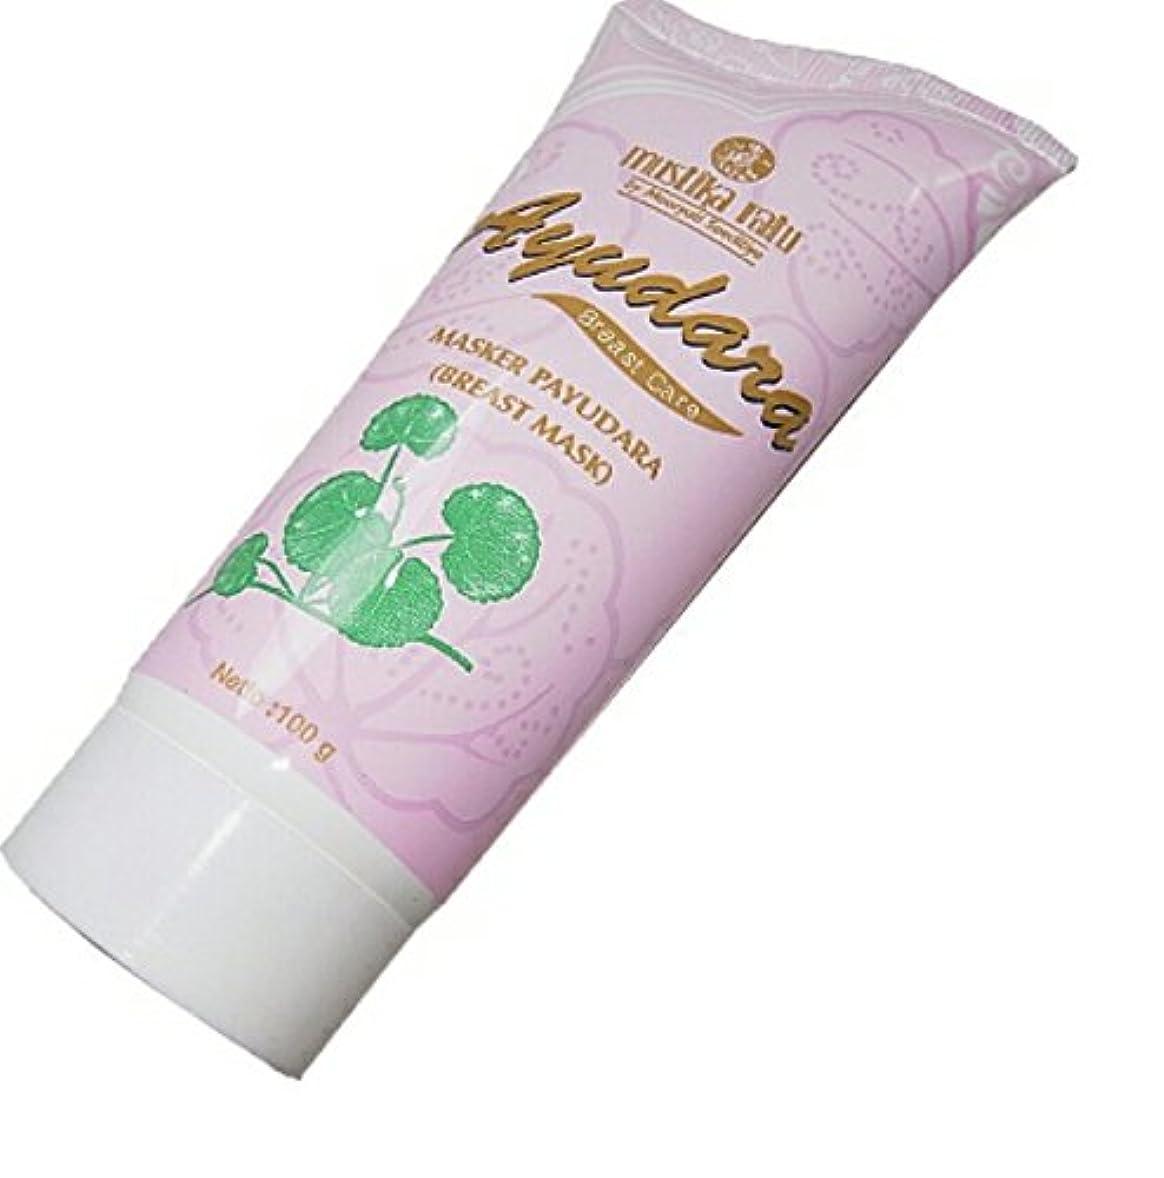 いじめっ子シンジケート垂直Mustika ratu Ayu Dara ムスティカラトゥayudara乳房マスクオーガニック100grは美しい、より高密度の美乳になり